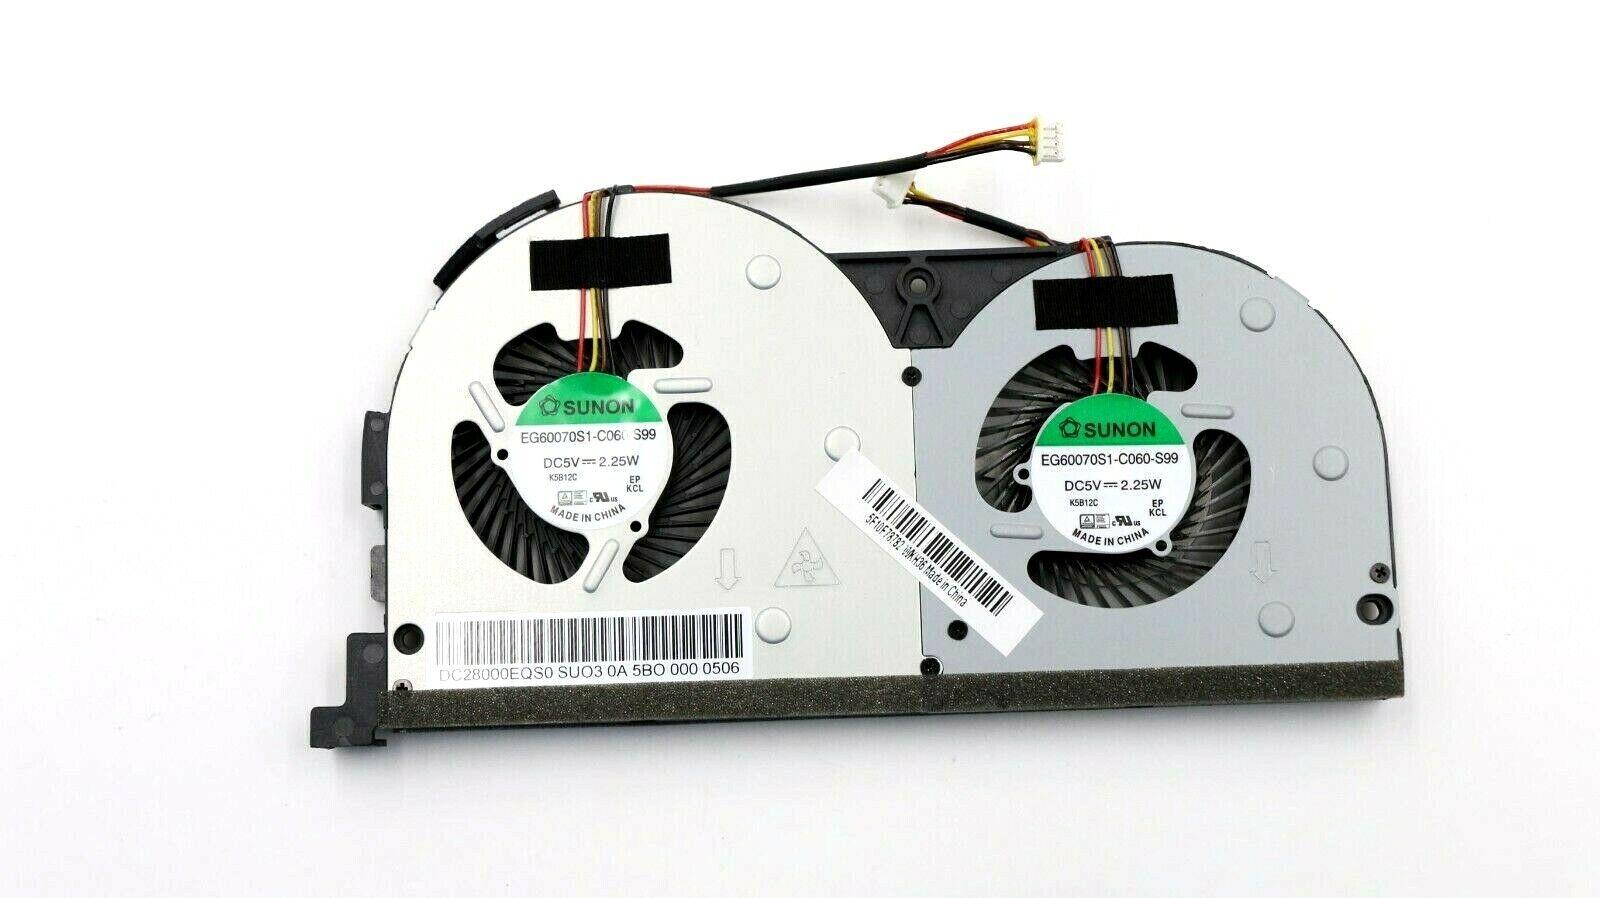 5F10F78782 DC28000EQF0 Lenovo Cooling Fan Unit For Ideapad Y50-70 5942 59426255